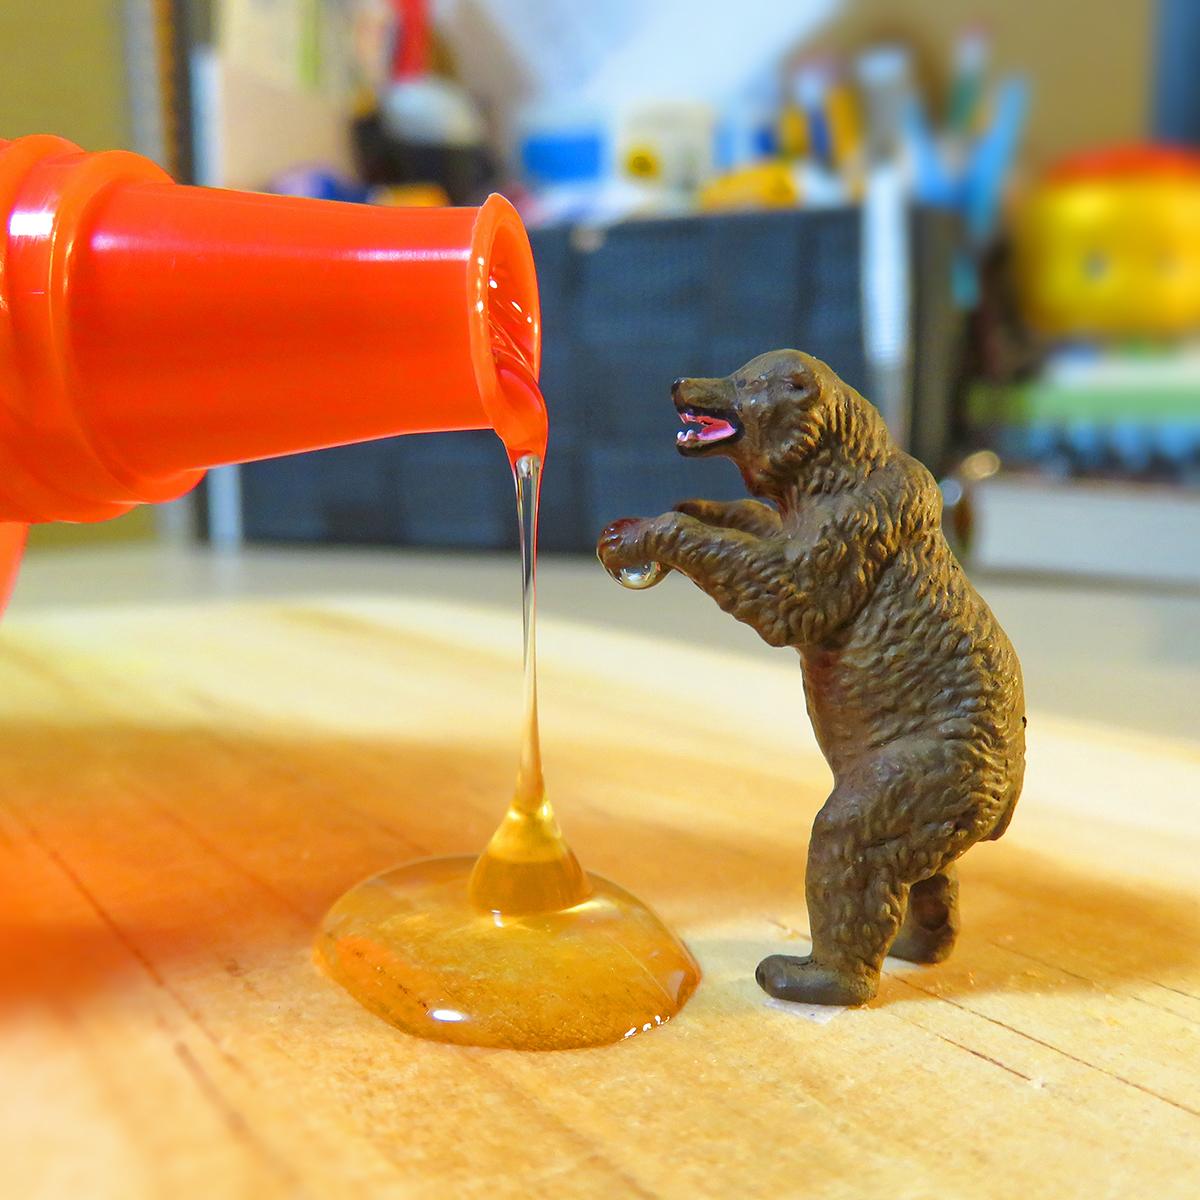 8月3日ははちみつの日!はちみつを食べる熊